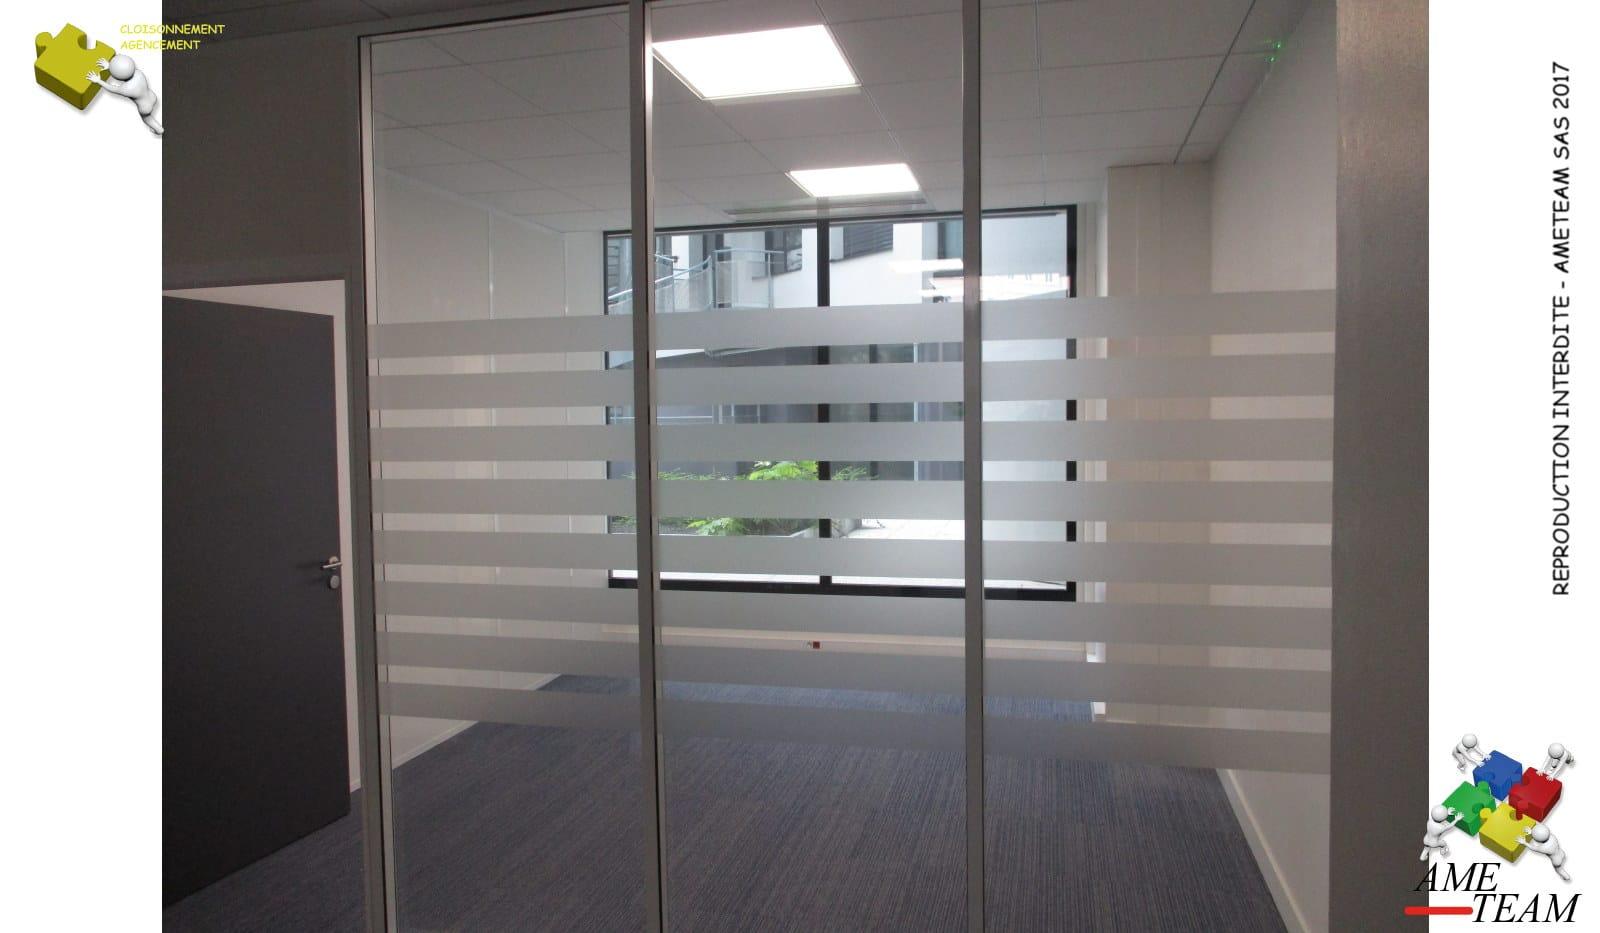 Projet IORGA / LYON3 : Cloisons amovibles vitrée toute hauteur à Couvre Joint avec films bandes reguliéres